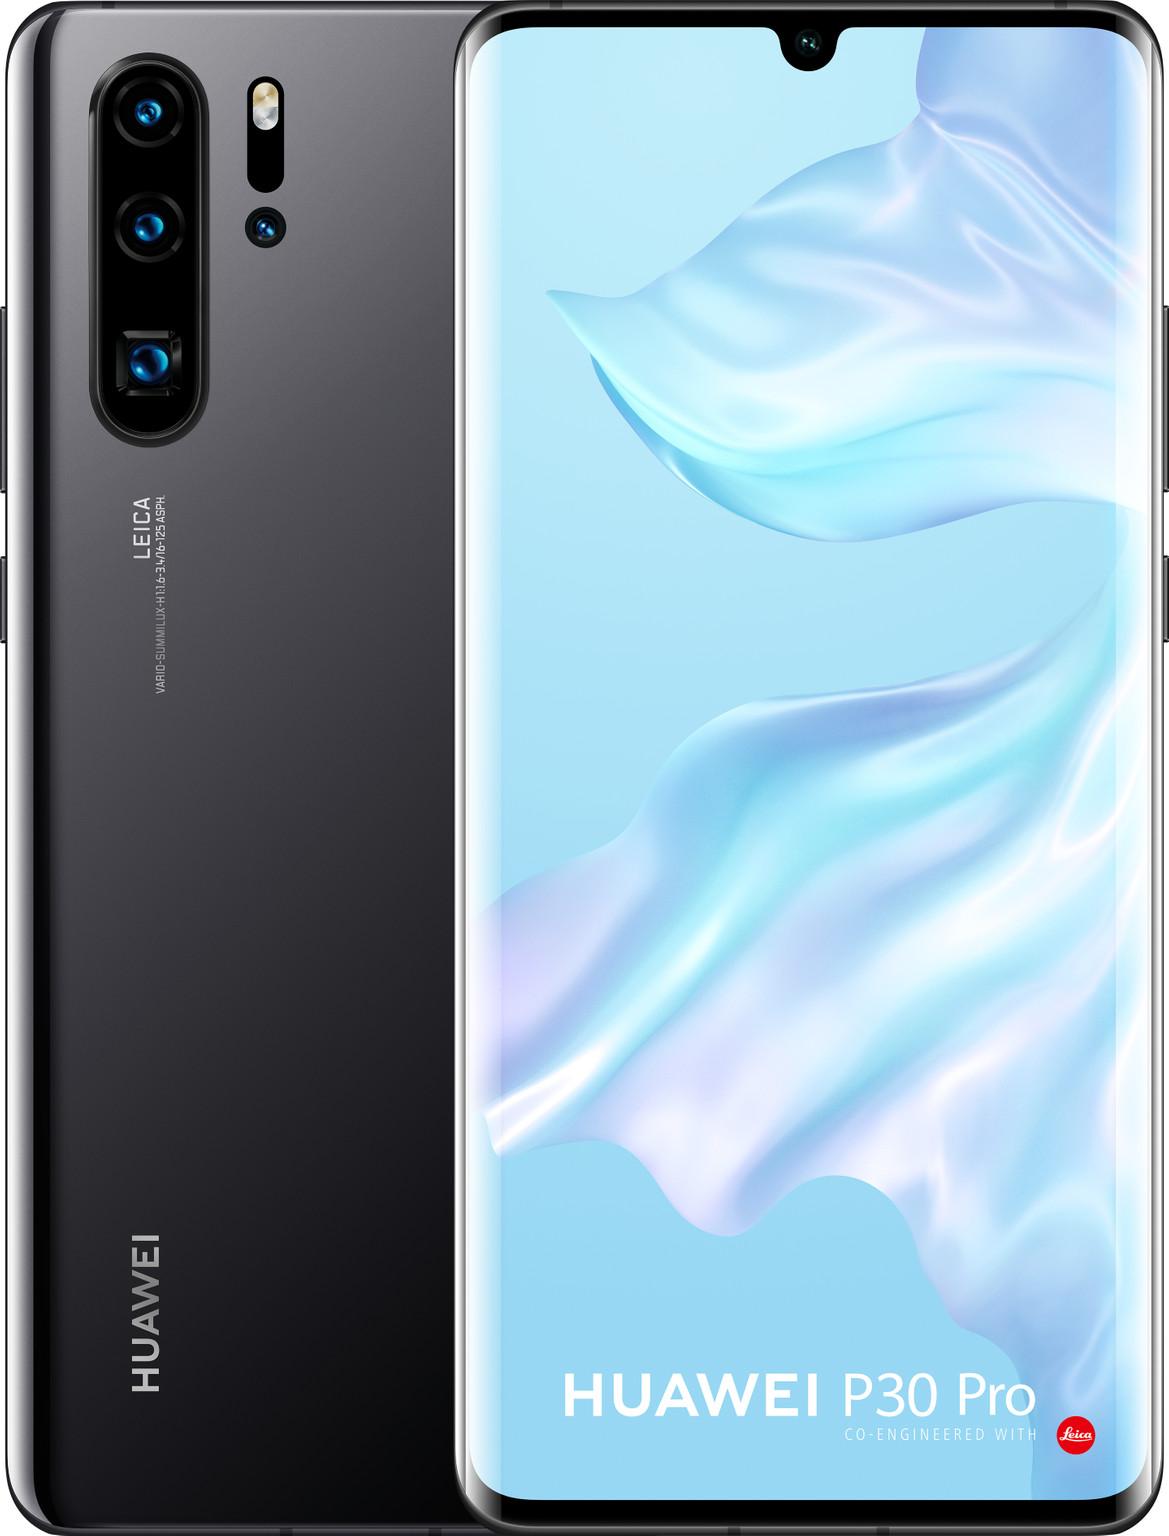 Huawei P30 Pro + 1 jarig abonnement